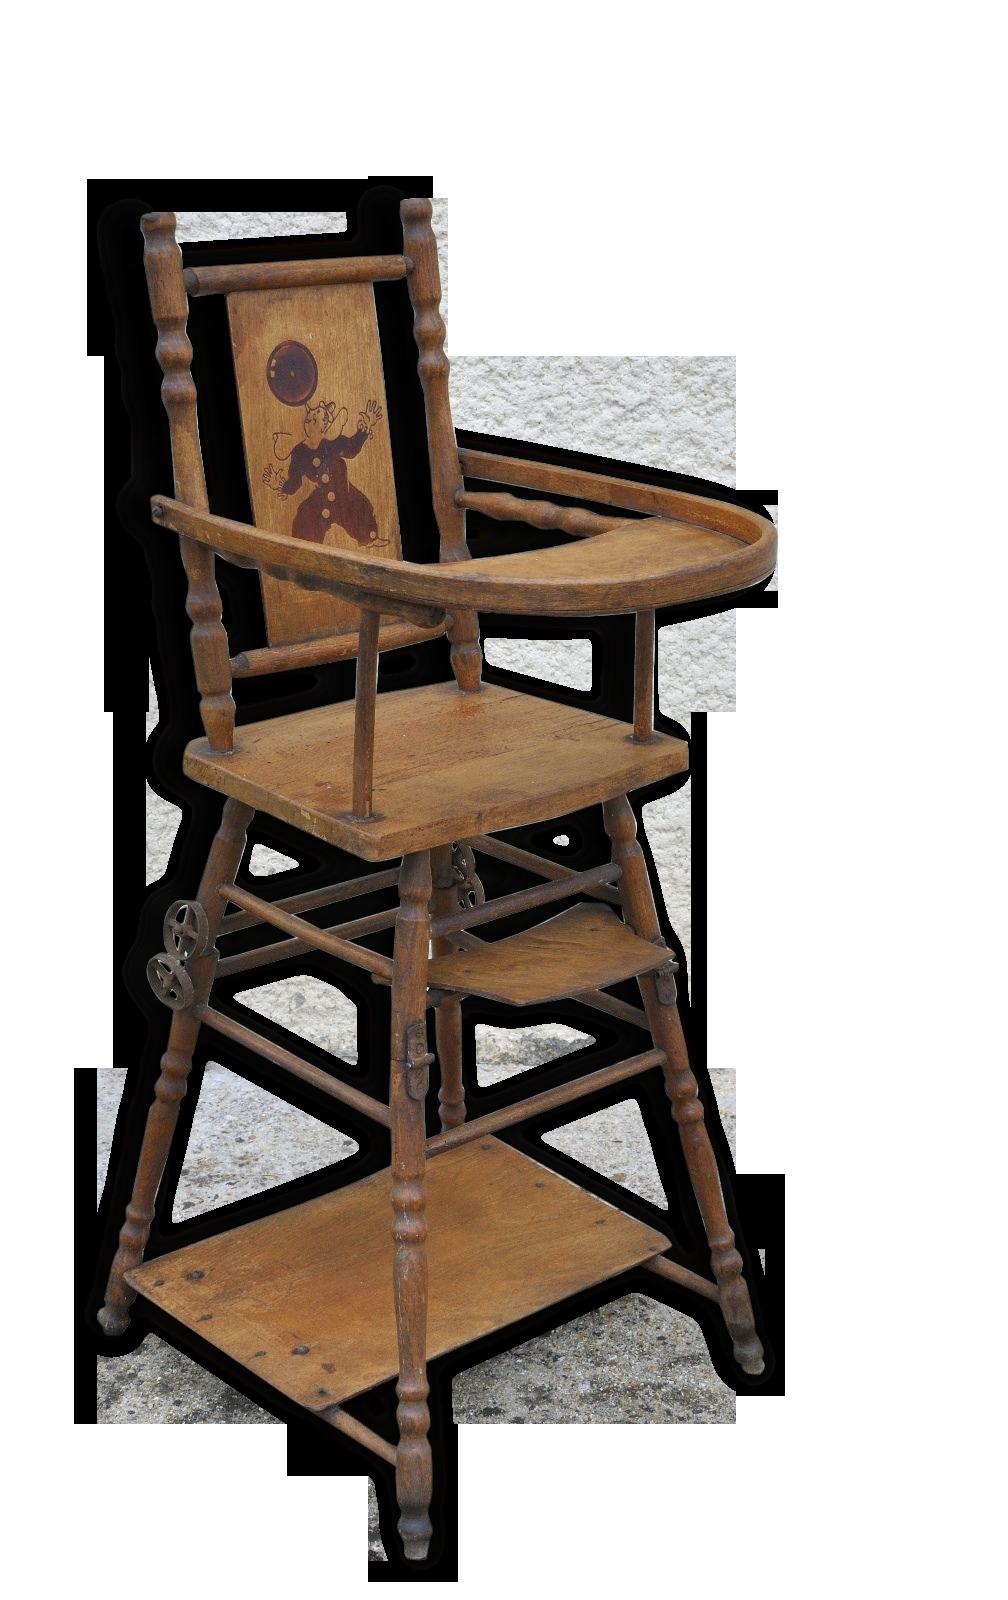 JouetsJeux Bois Poupée Ancienne Chaise En Anciens IYmf6gybv7